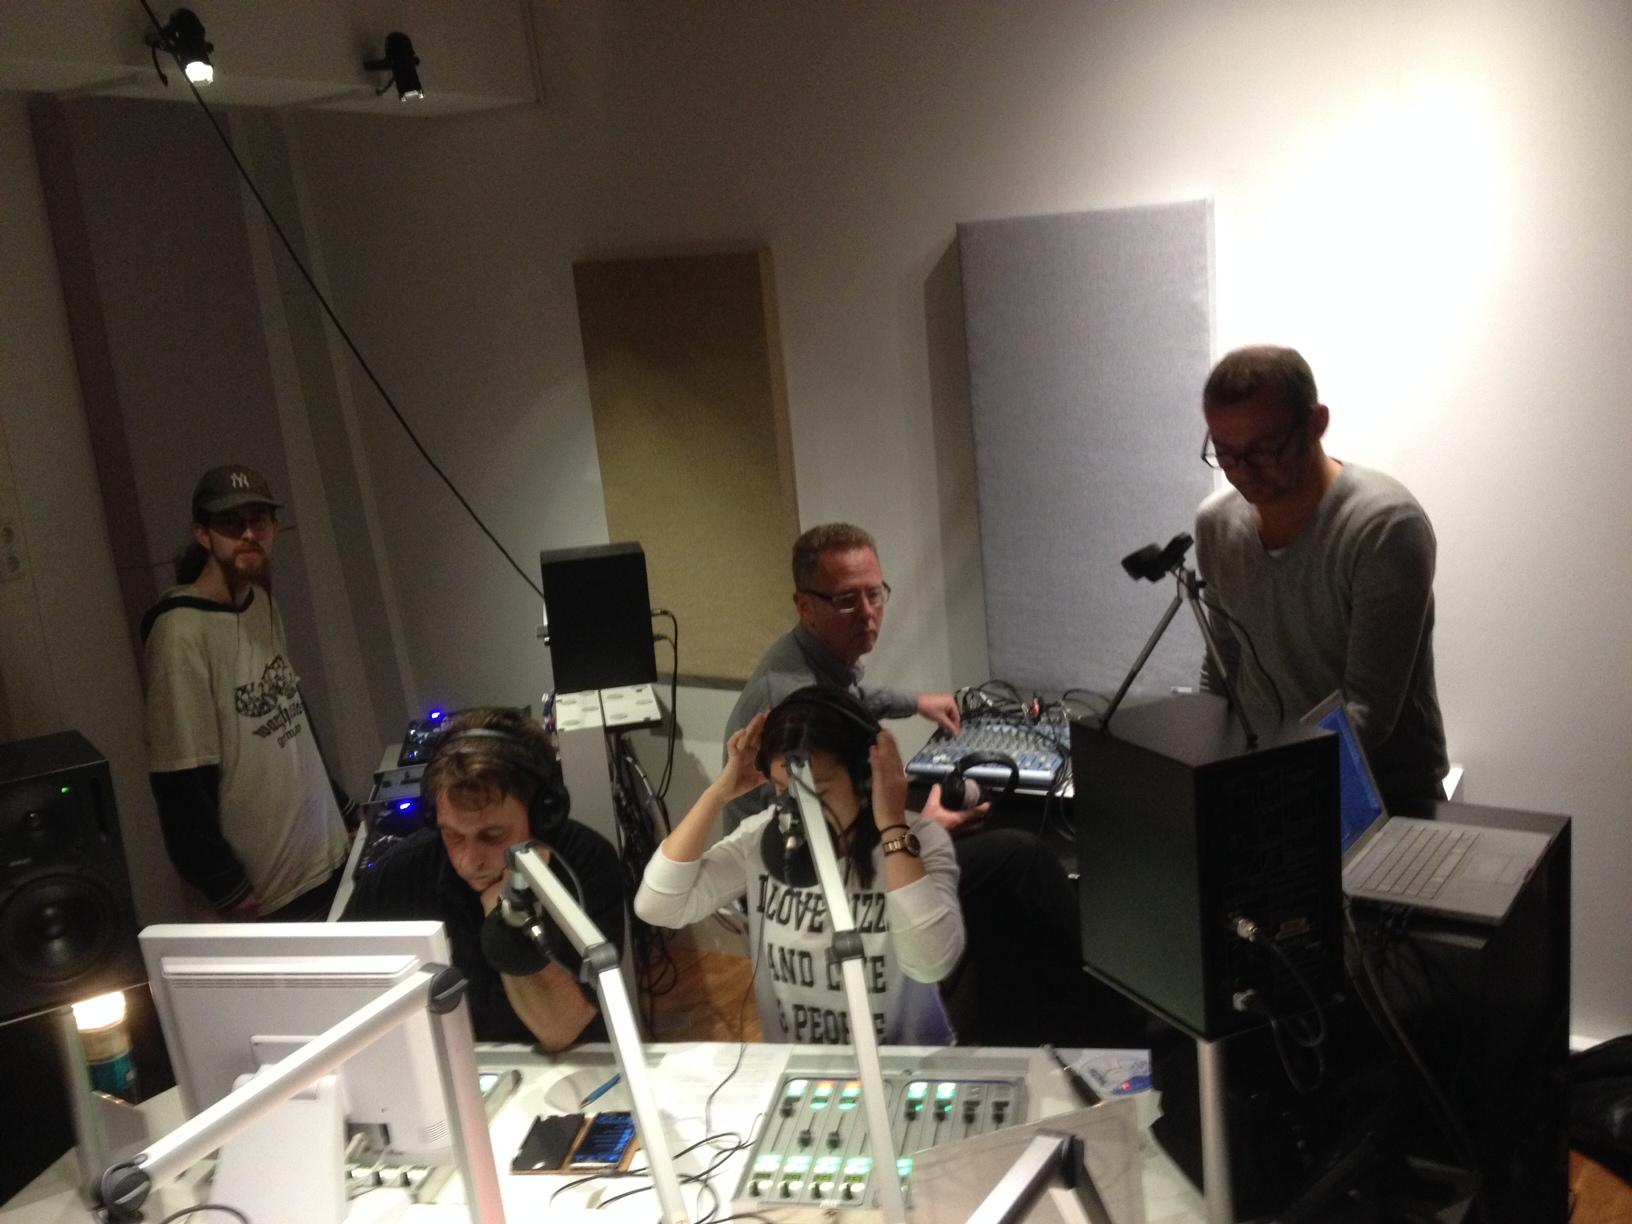 Zuschauen beim konzentrierten Radiomachen - Tag der offenen Tür bei Radio X